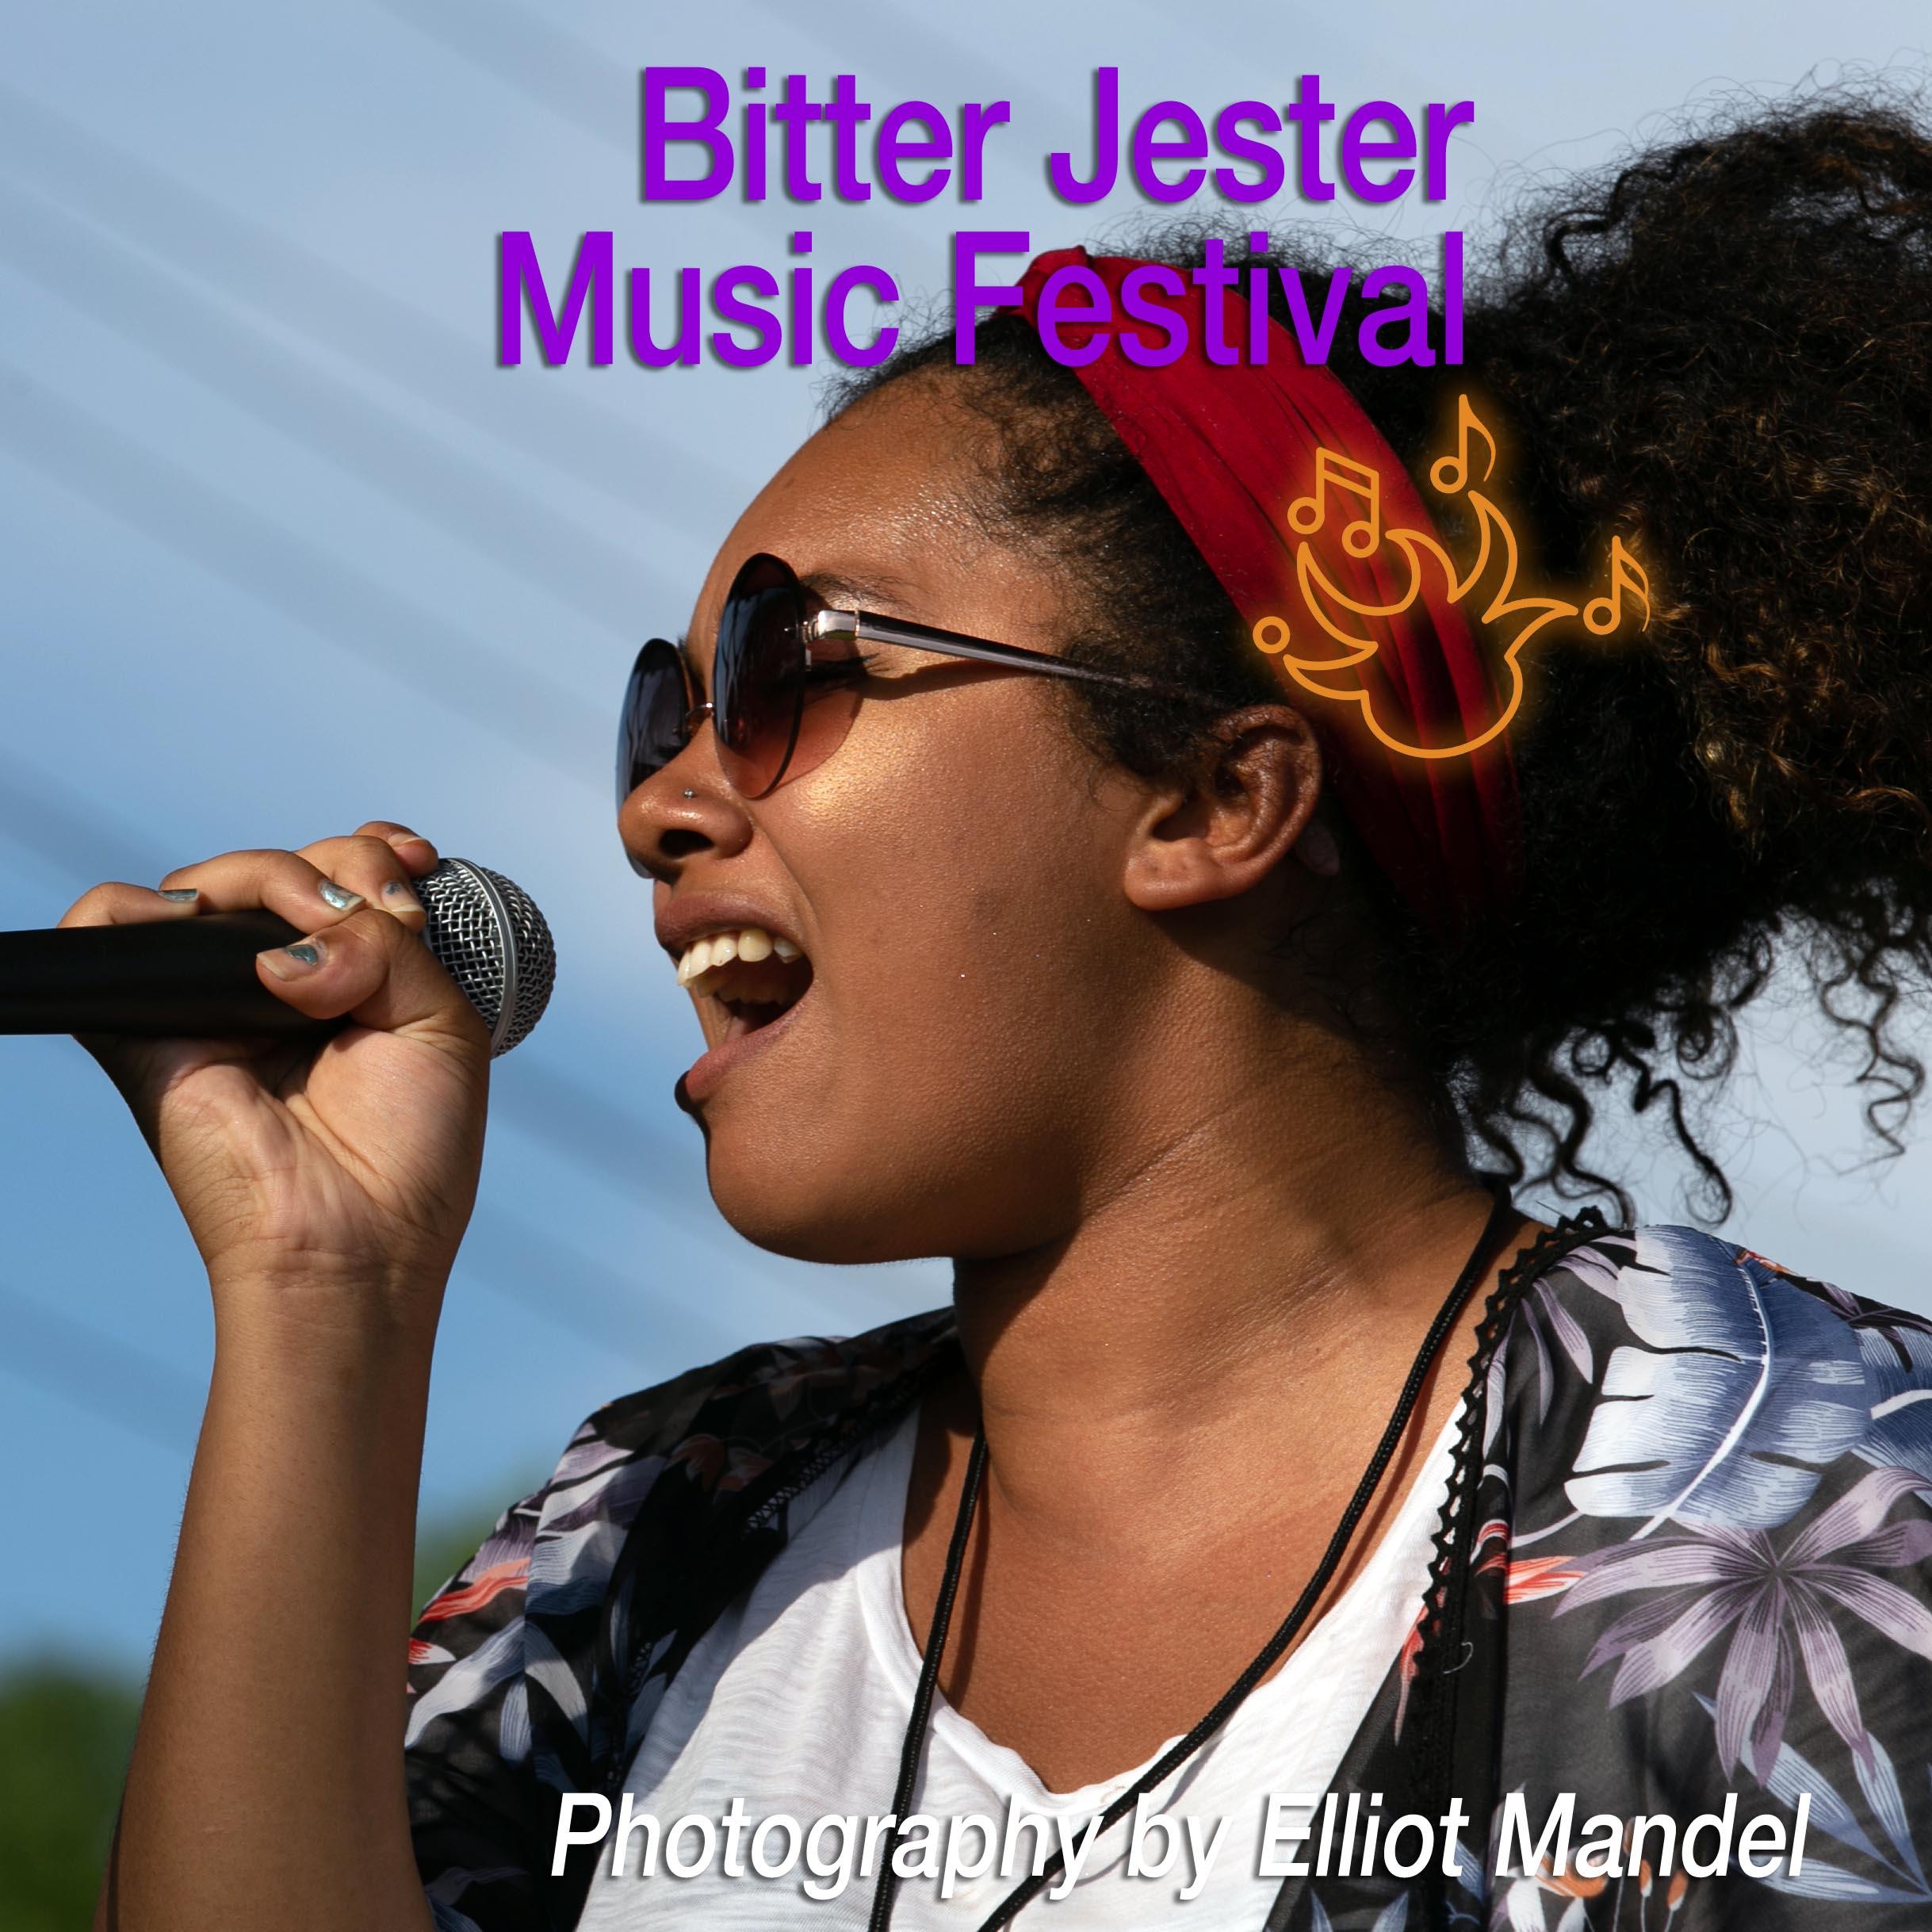 Bitter-Jester-Music-Fest_ElliotMandel-100B.jpg